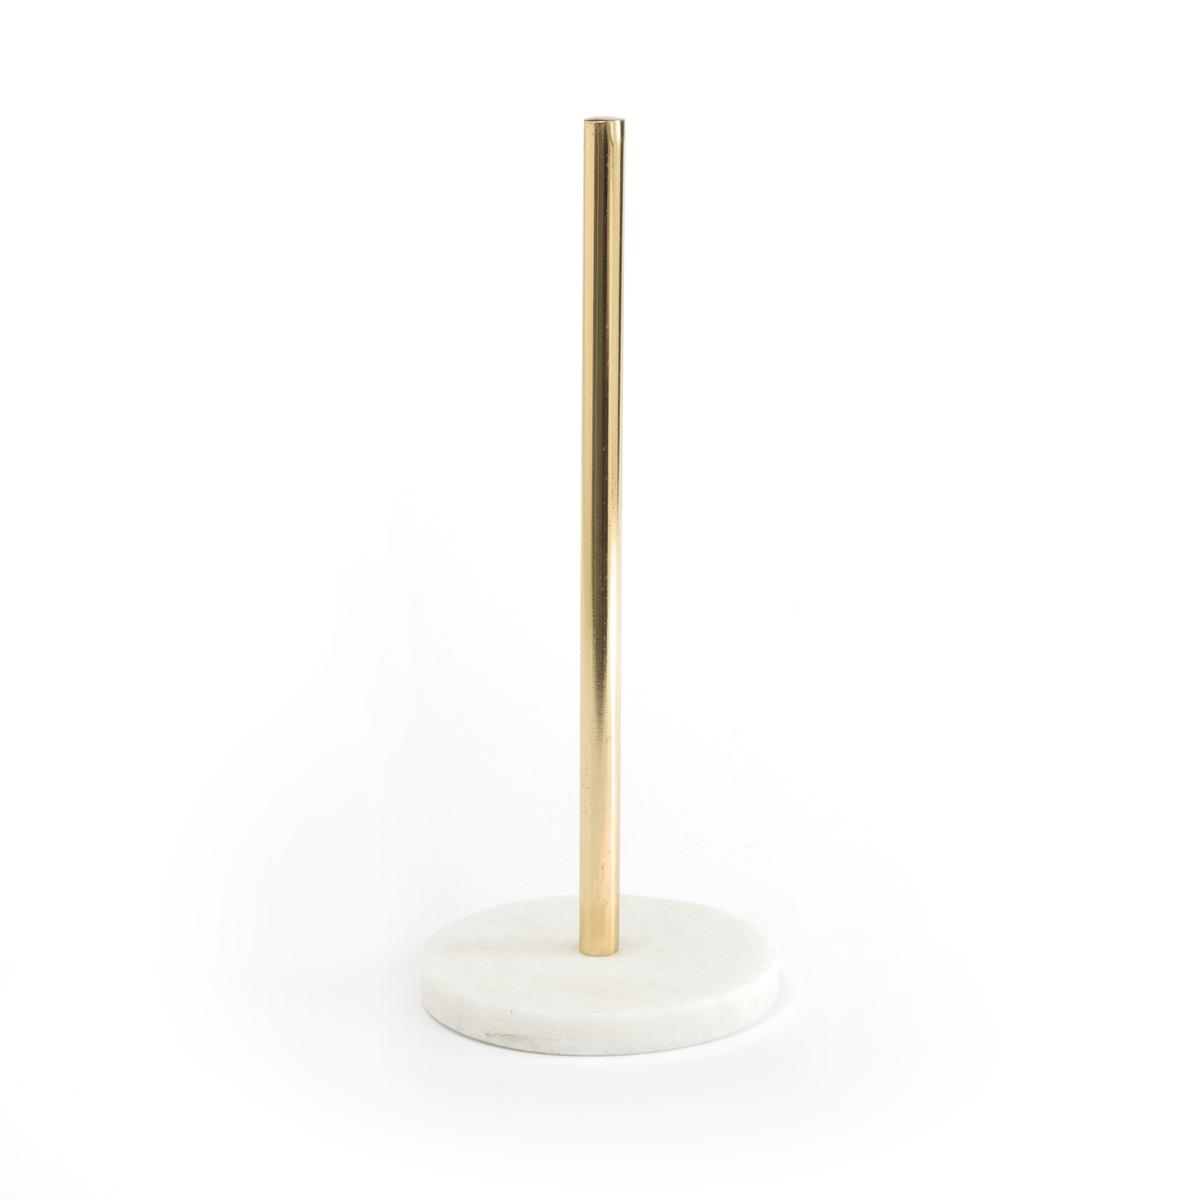 Кольцо для бумажного полотенца LIOJEN держатель для бумажного полотенца herevin высота 27 см